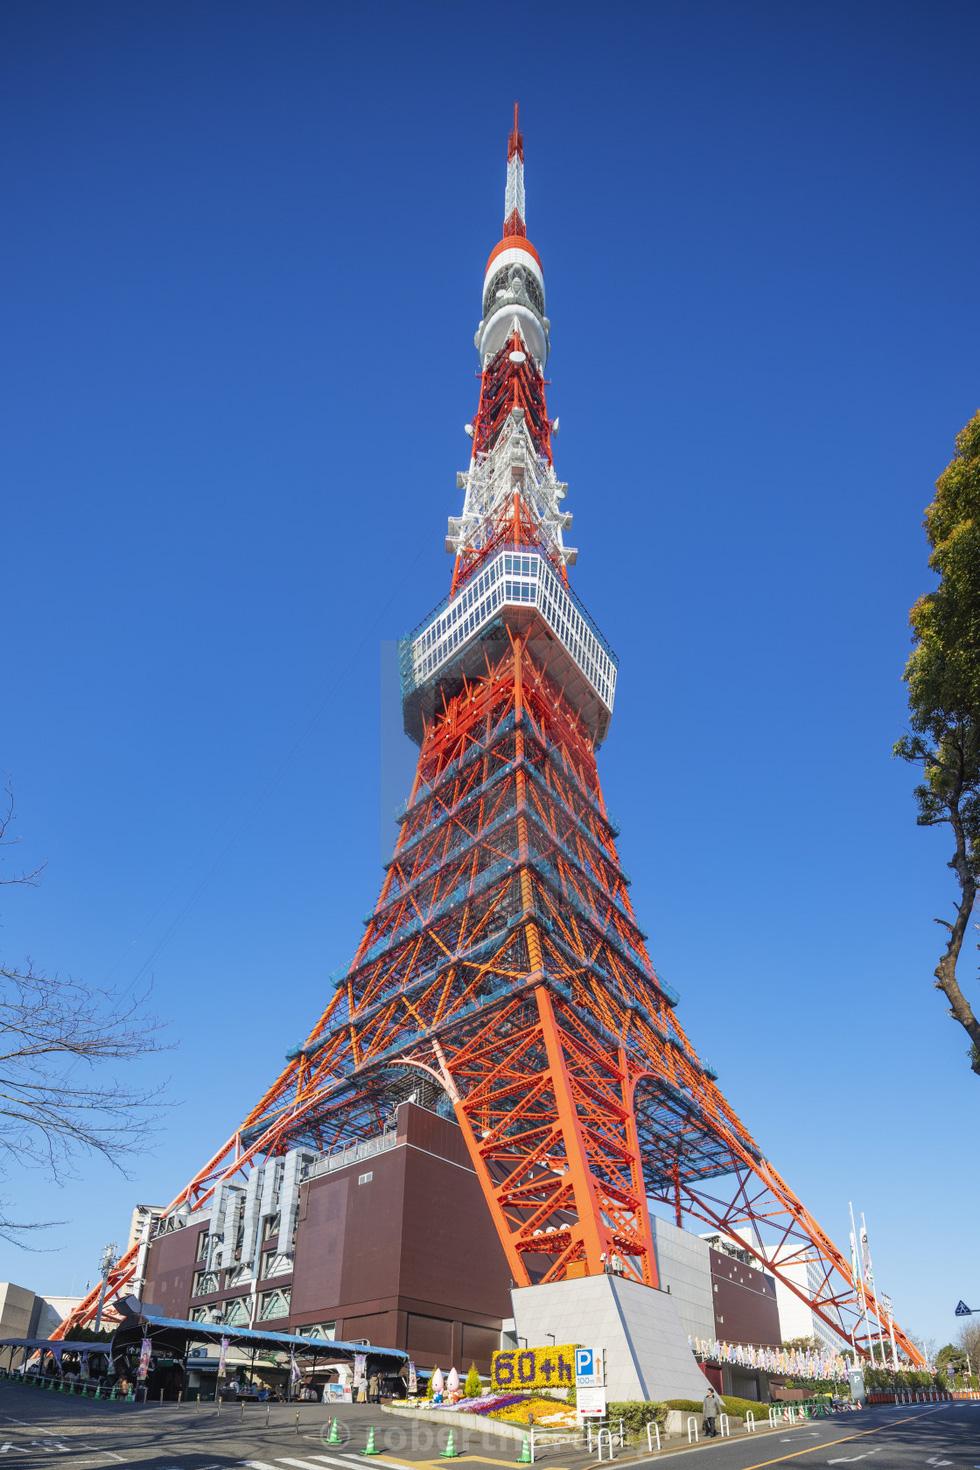 Tháp Eiffel và cảm hứng cho những phiên bản nổi tiếng trên thế giới - Ảnh 4.